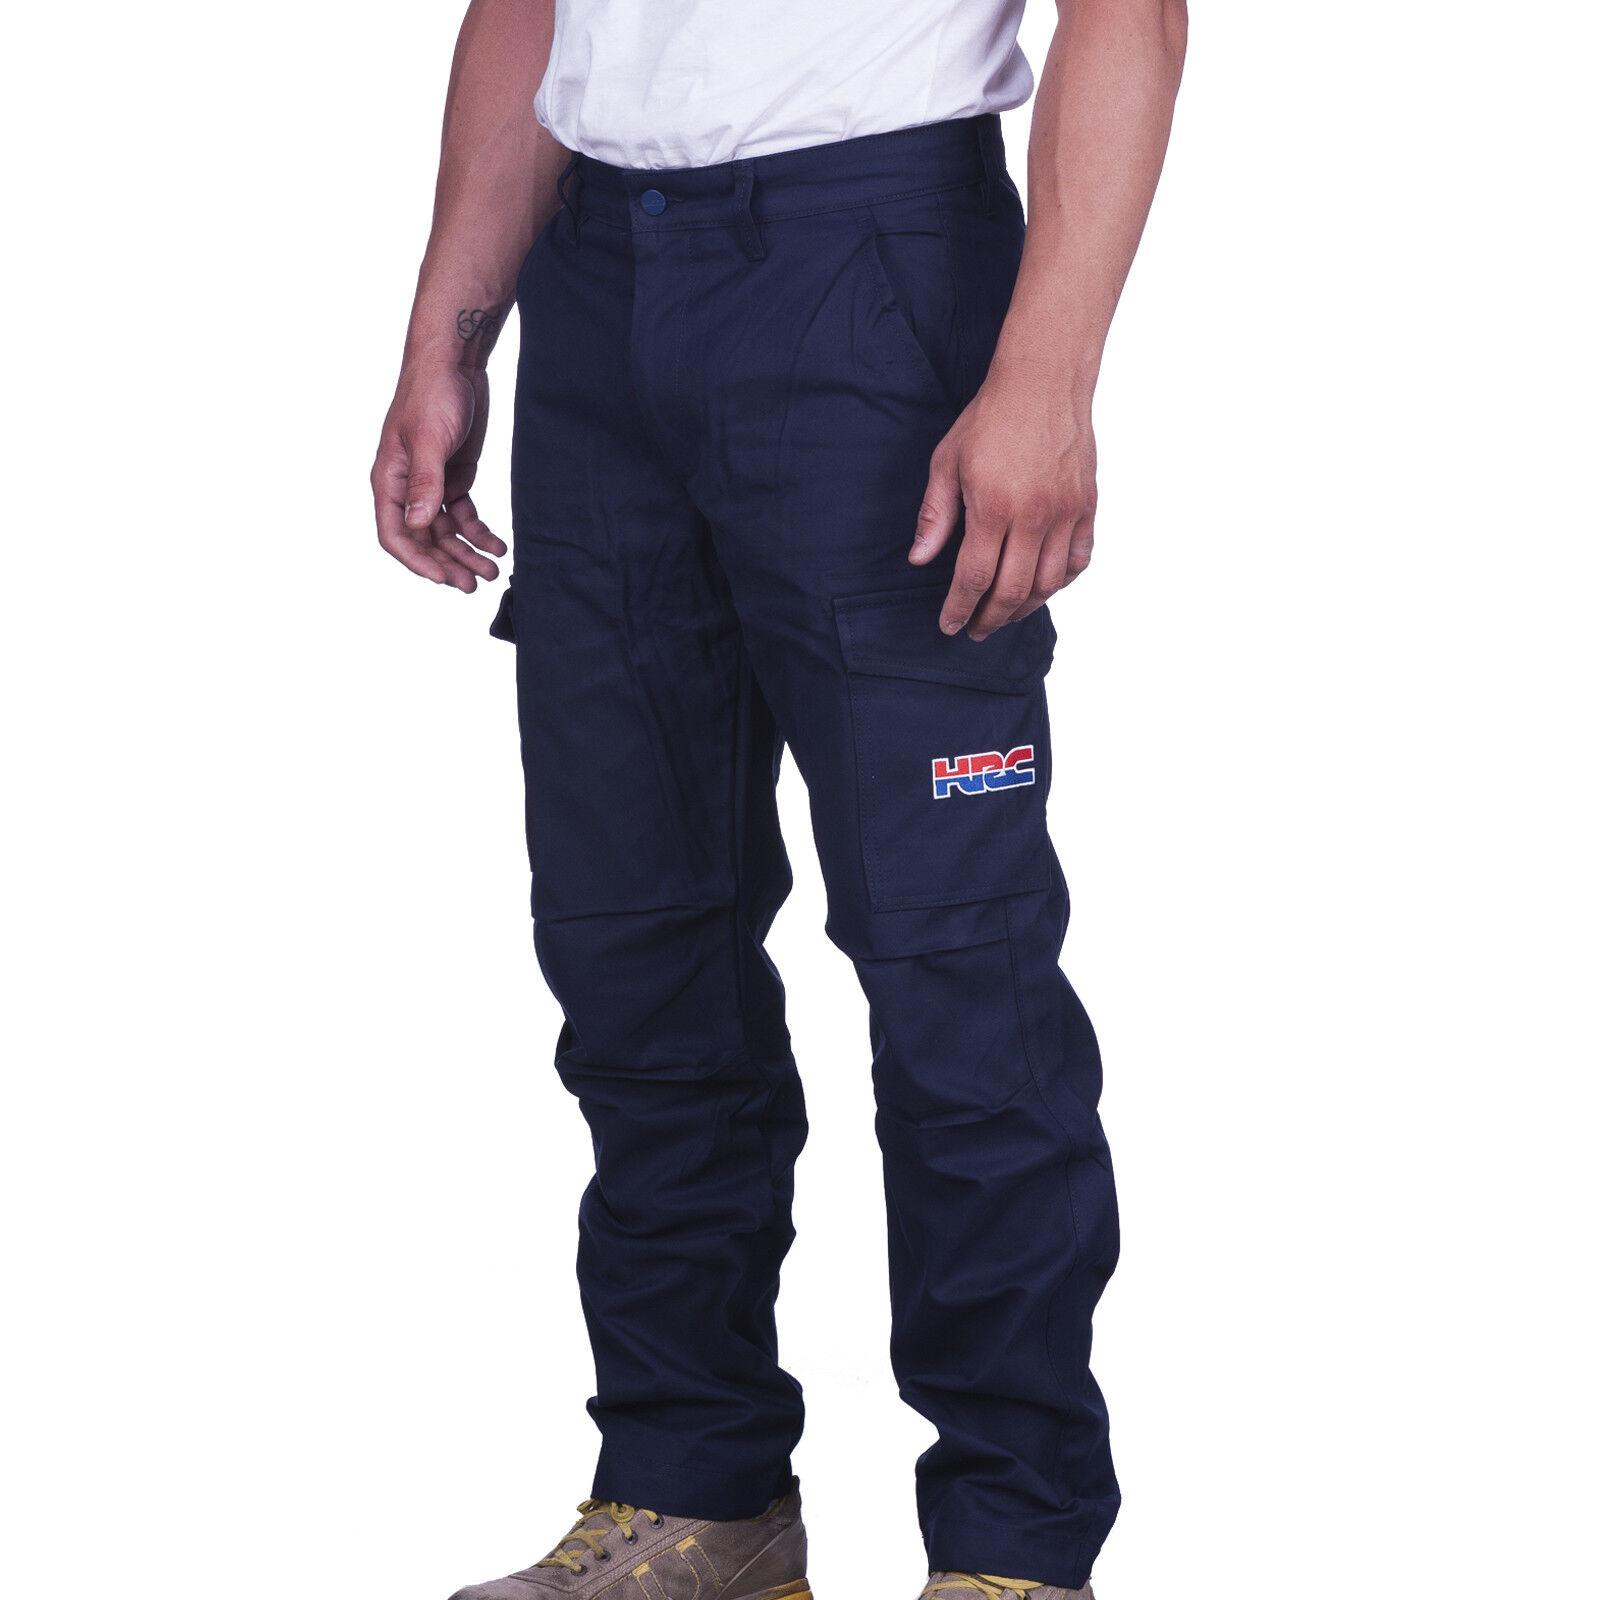 Blu Bright Pantalone In Felpa Aeronautica Militare Tg L Col